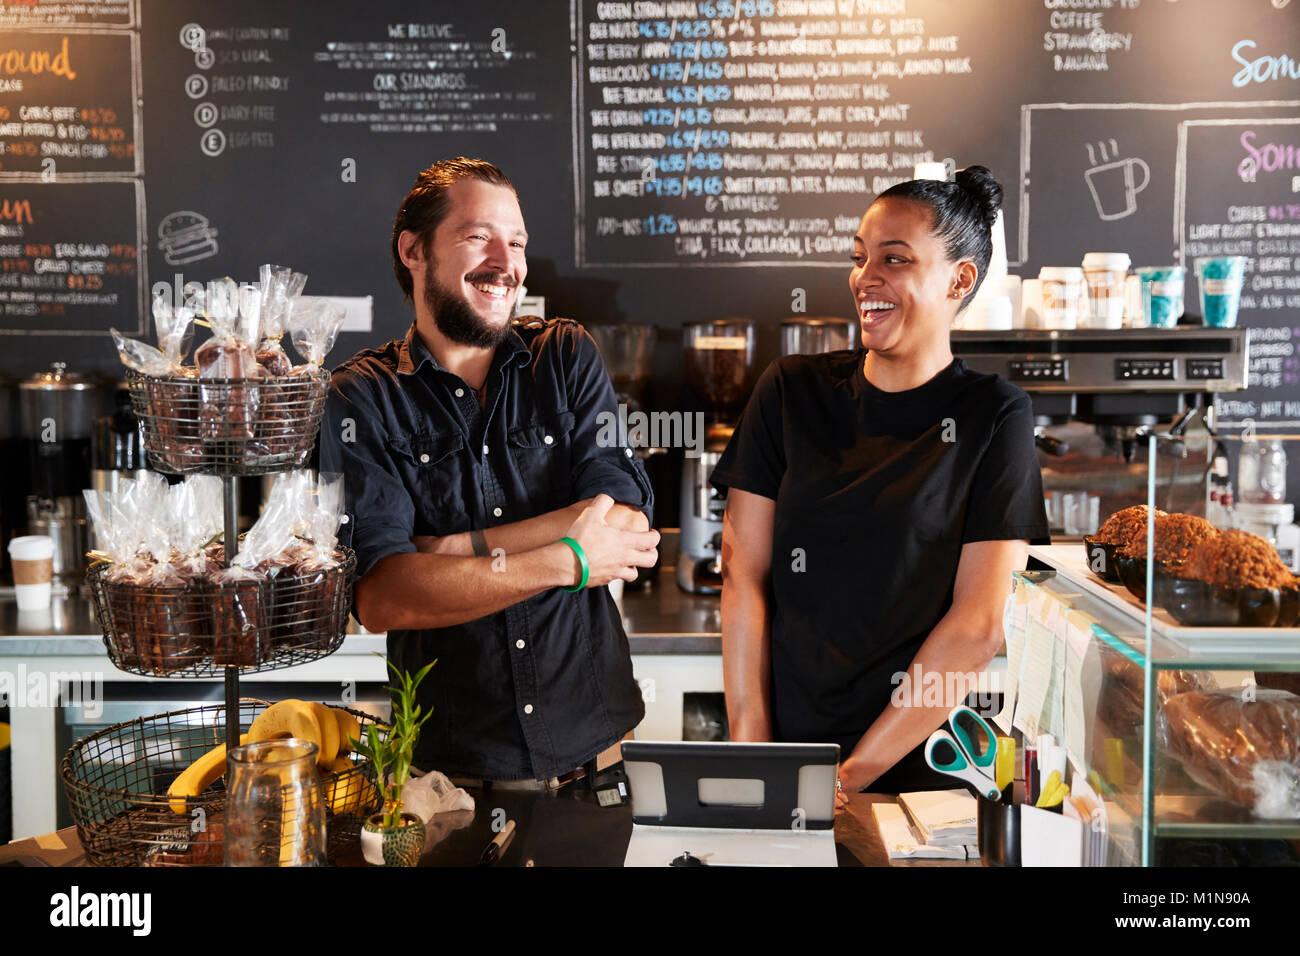 Maschio e femmina baristi dietro il contatore nel Coffee Shop Immagini Stock